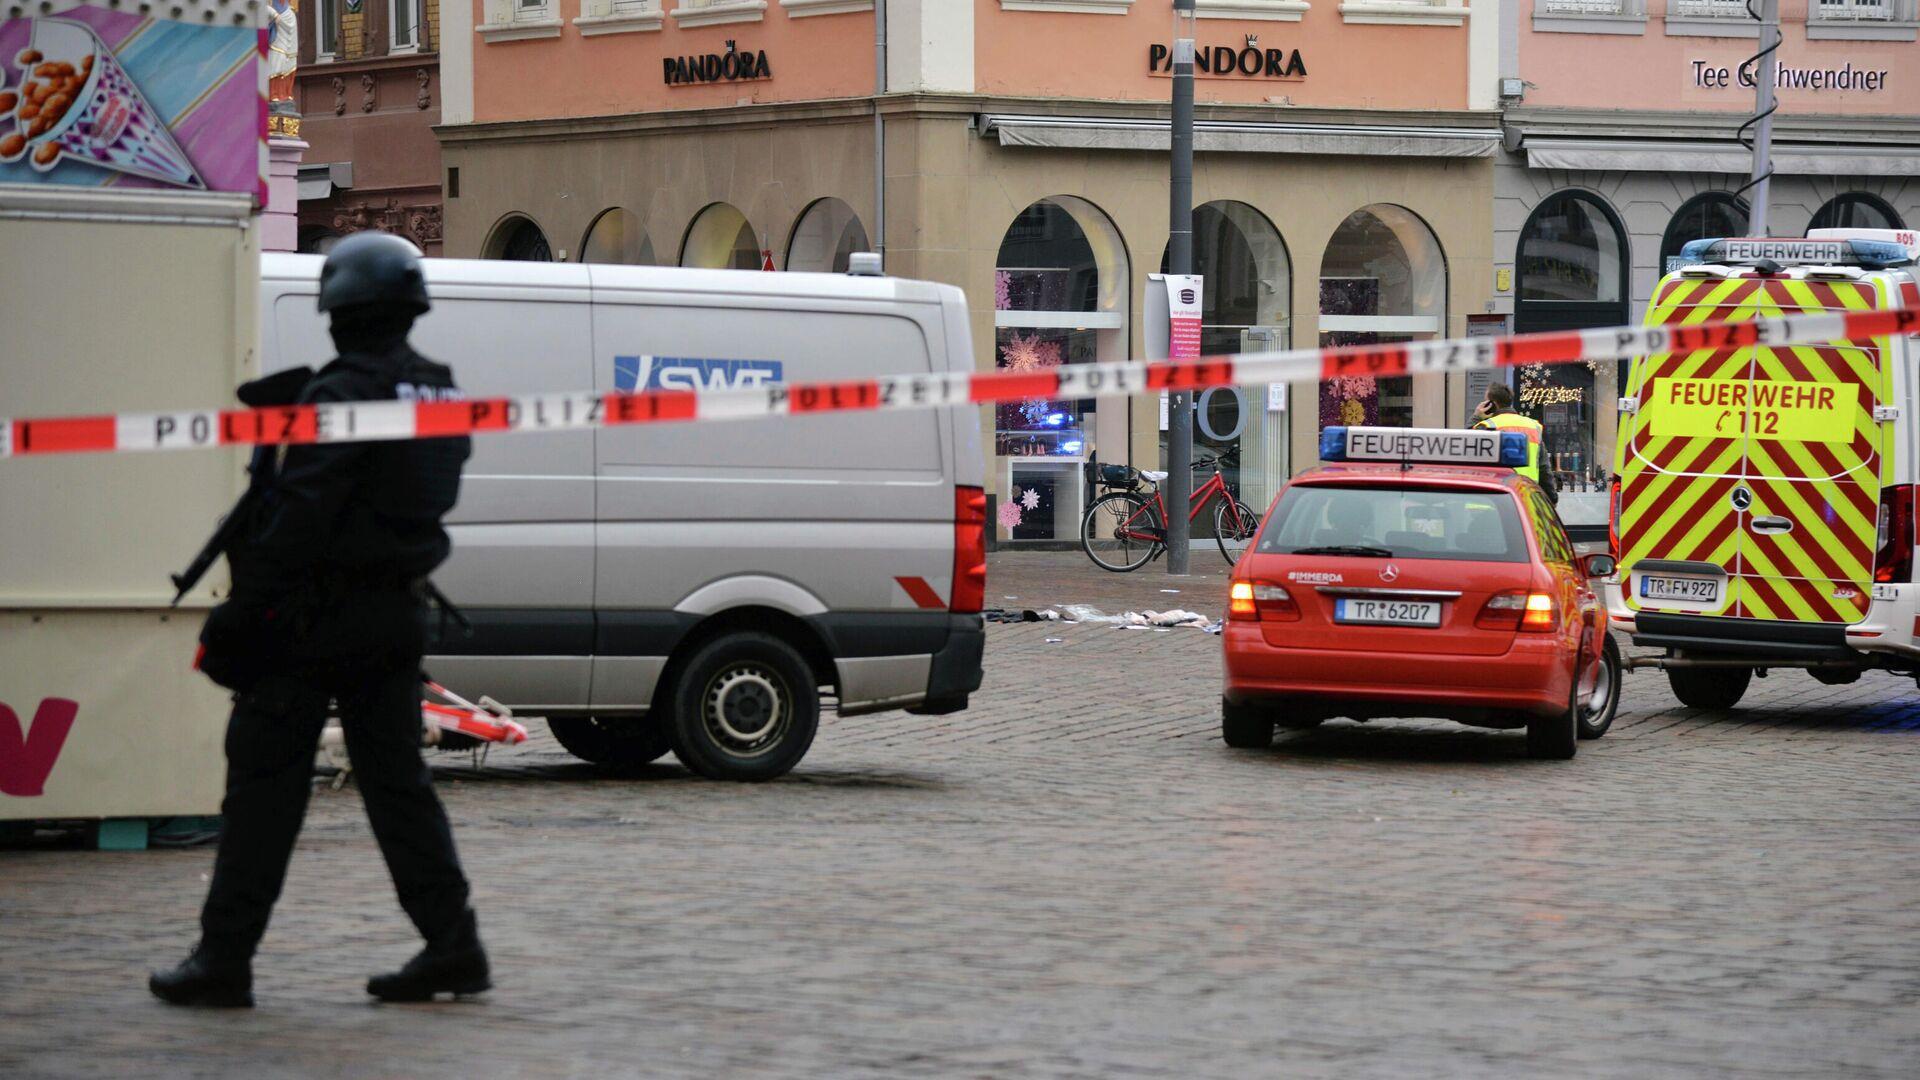 """Власти Трира заявили, что водитель въехал в пешеходов """"в приступе ярости"""" -  РИА Новости, 01.12.2020"""